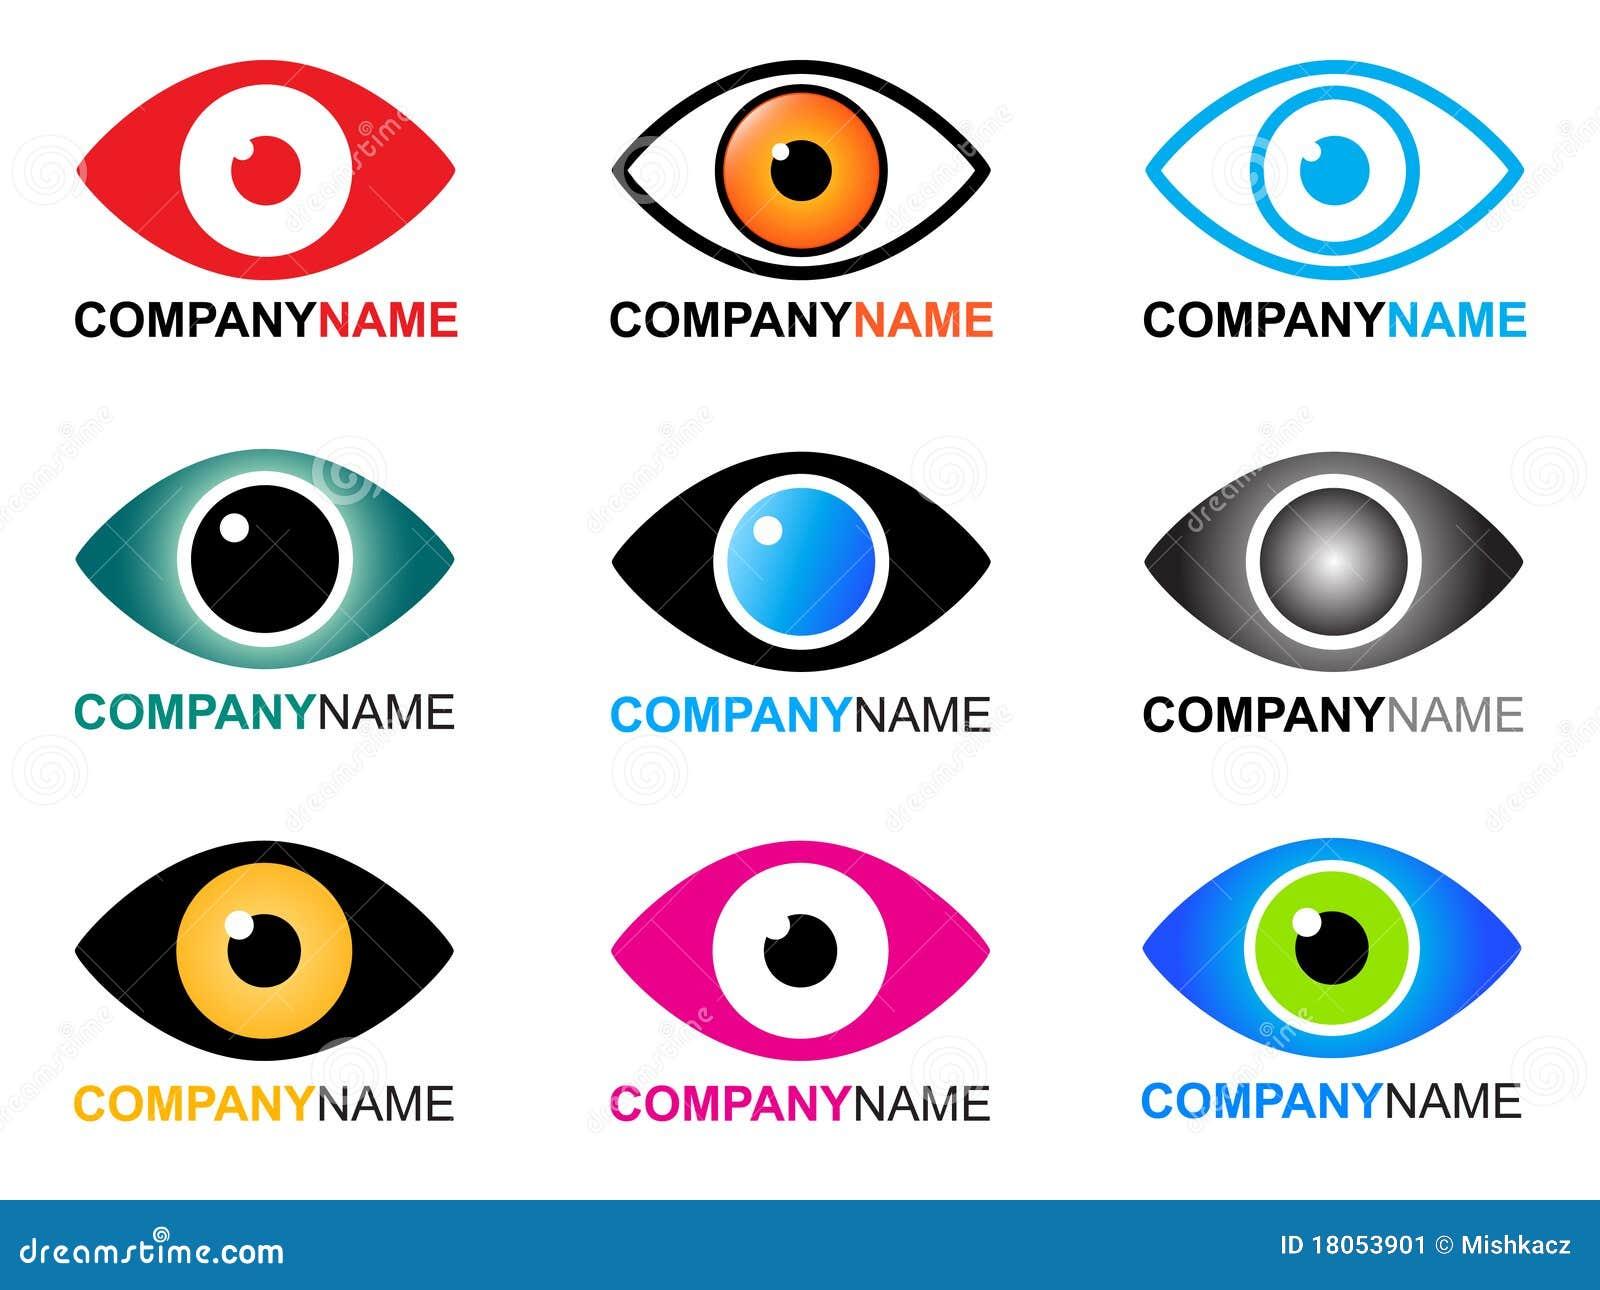 Eye Logo And Icons Stock Image - Image: 18053901